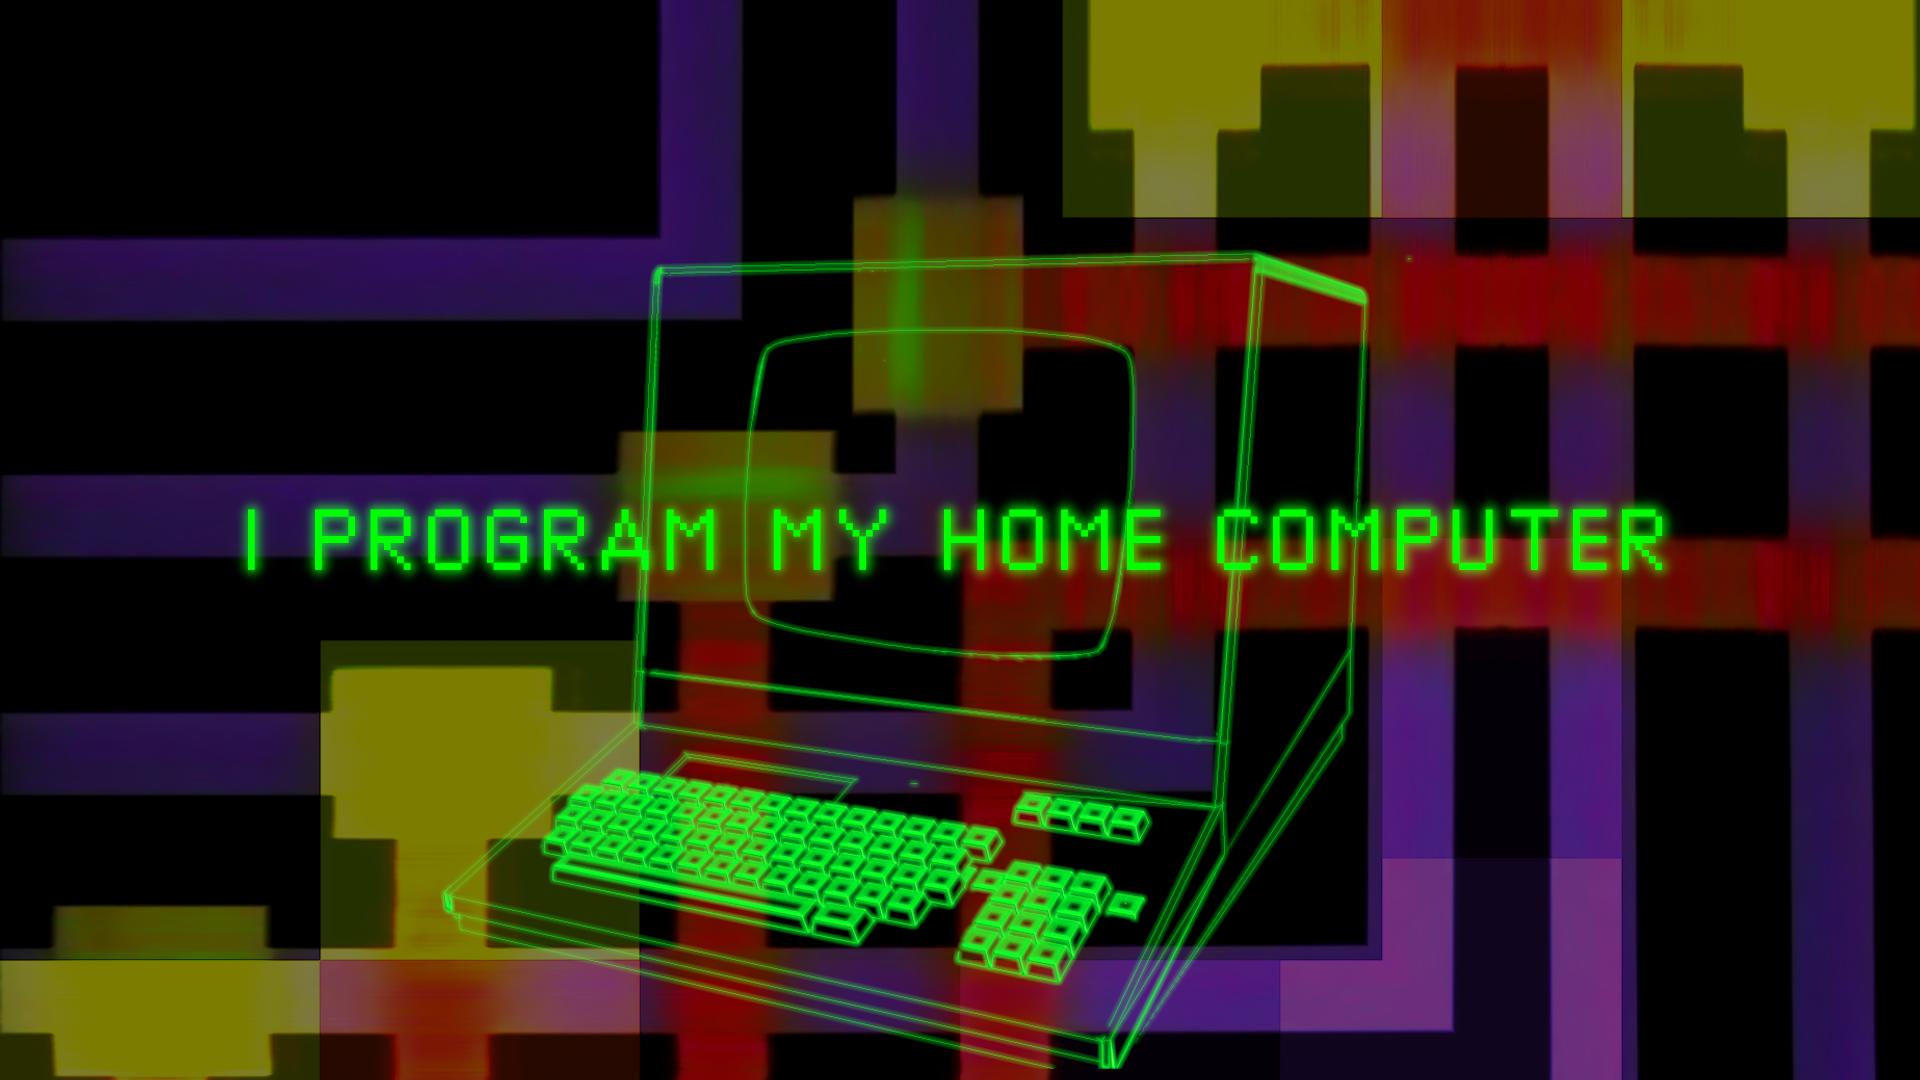 Kraftwerk, It's More Fun to Compute / Home Computer, film still Courtesy Kraftwerk, Sprüth Magers